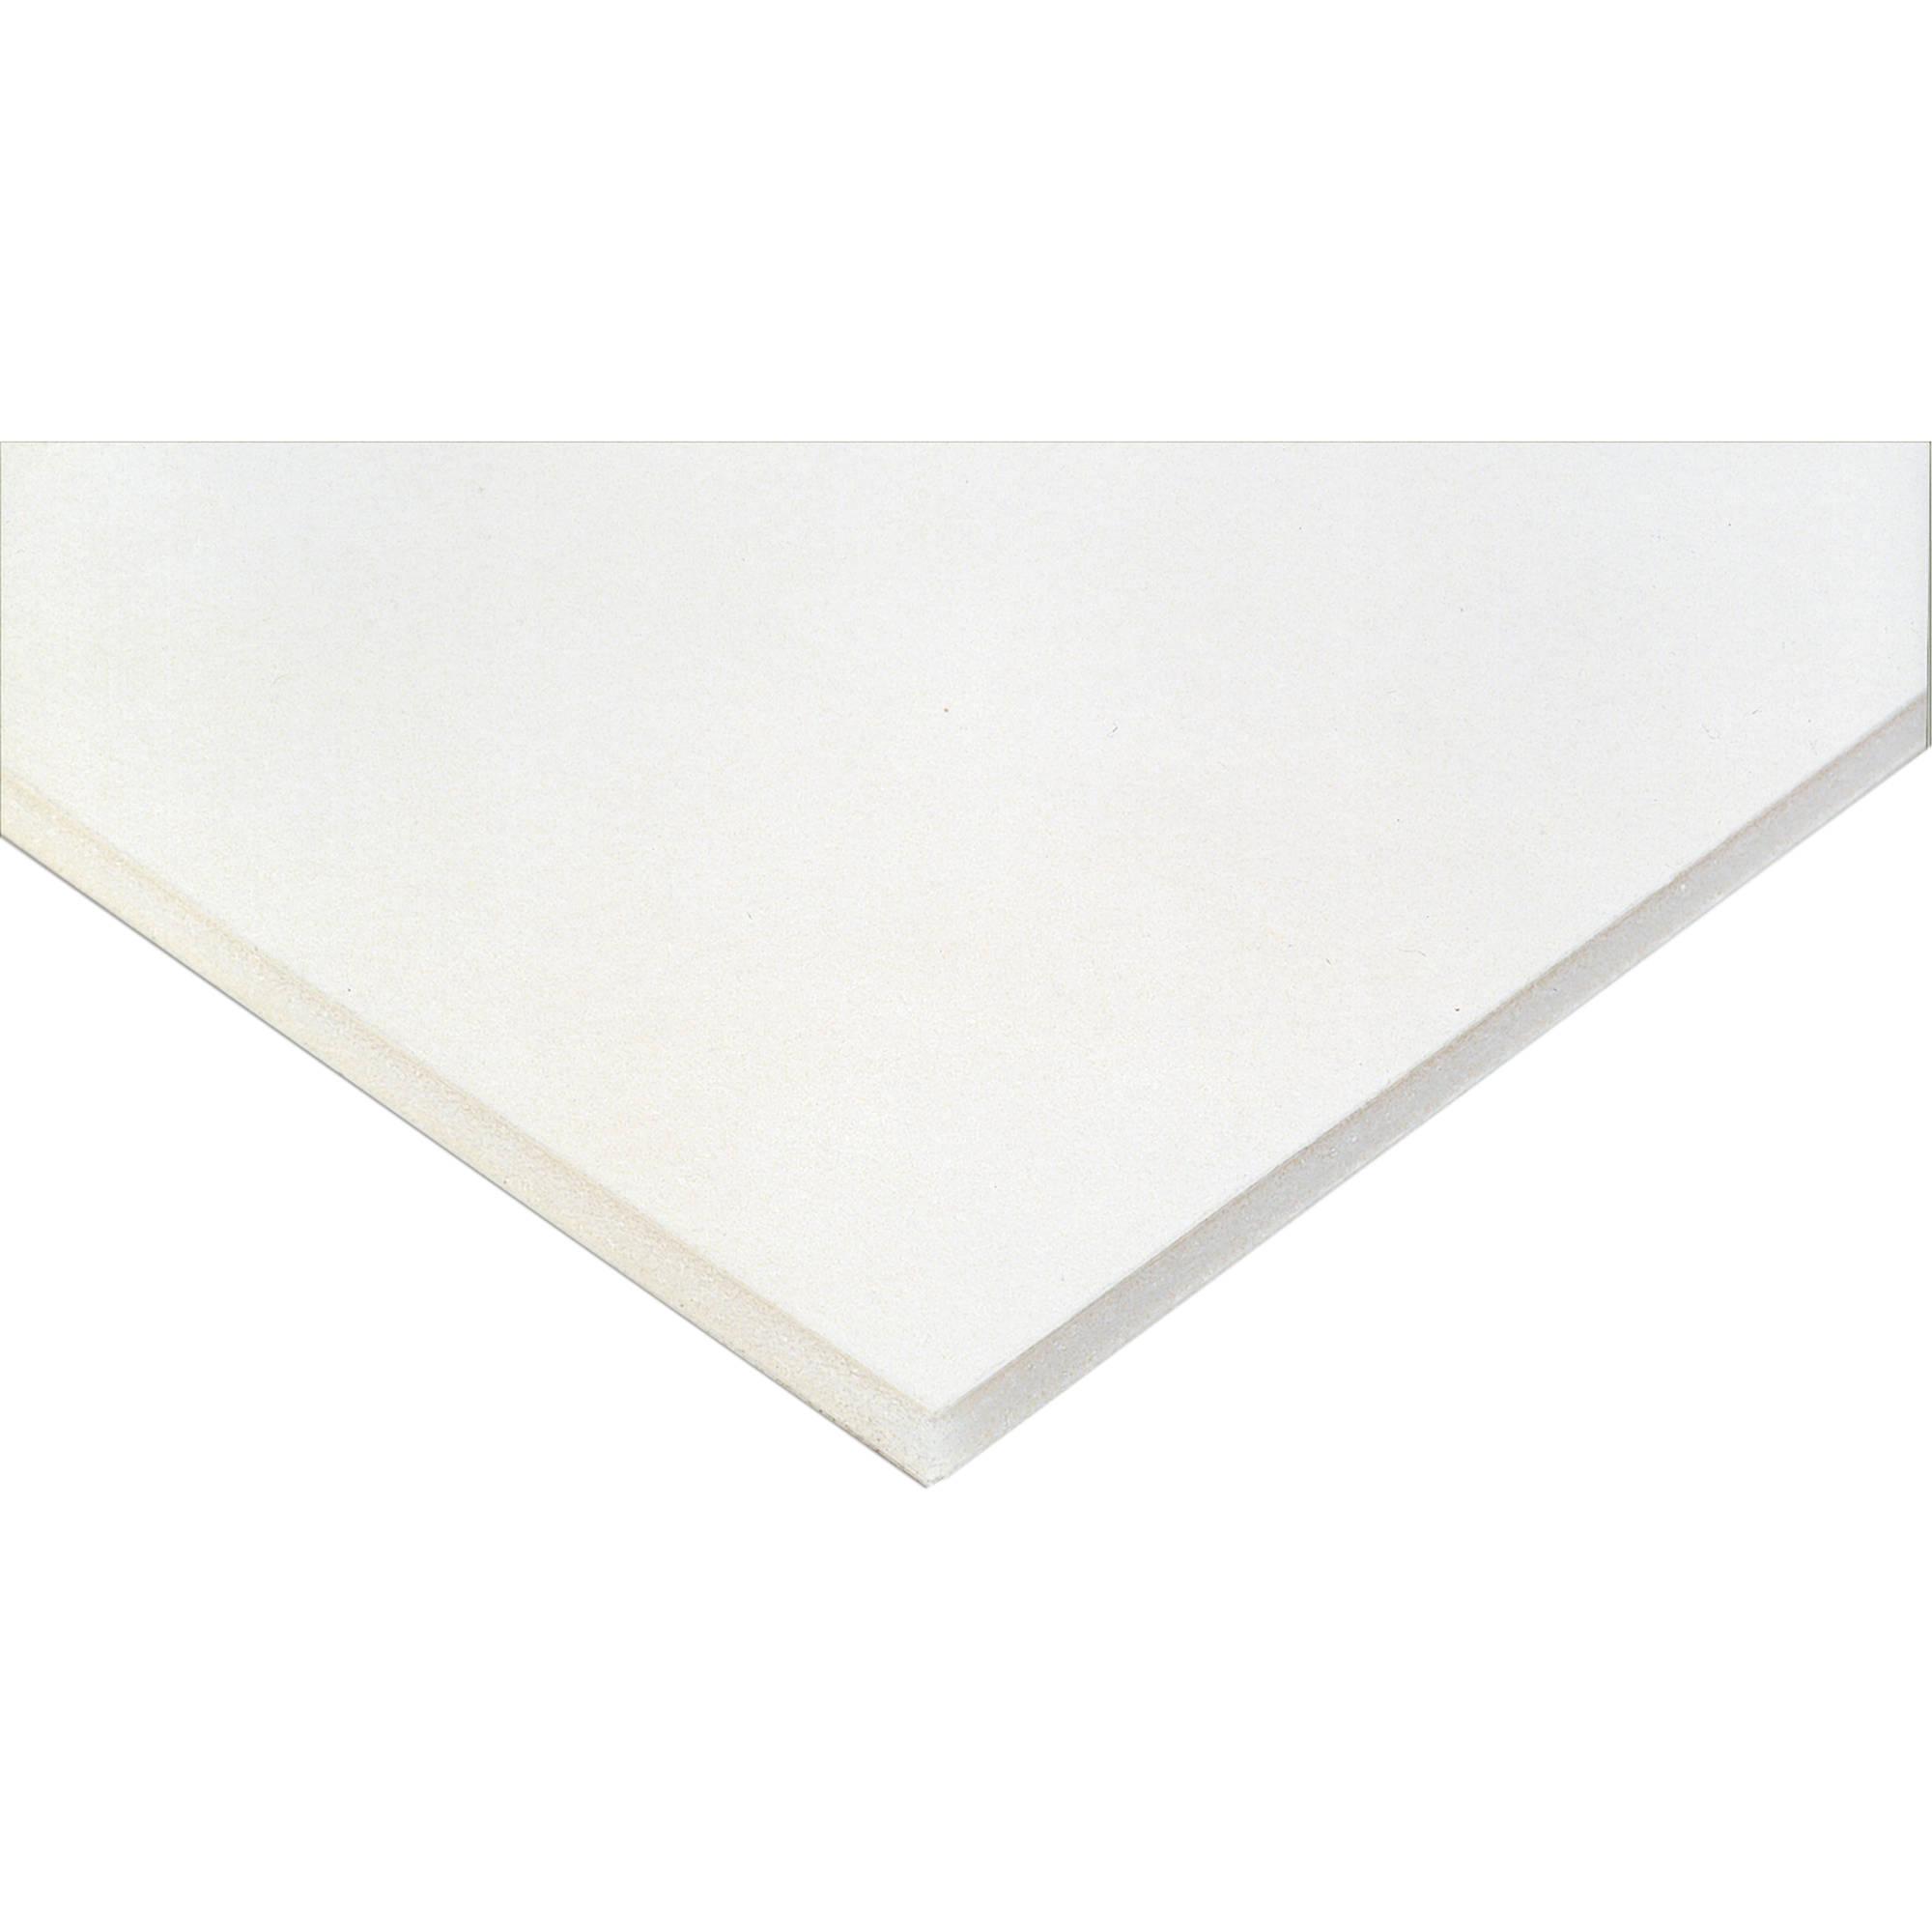 artwork board mats or set il frame fullxfull listing for bainbridge of mat